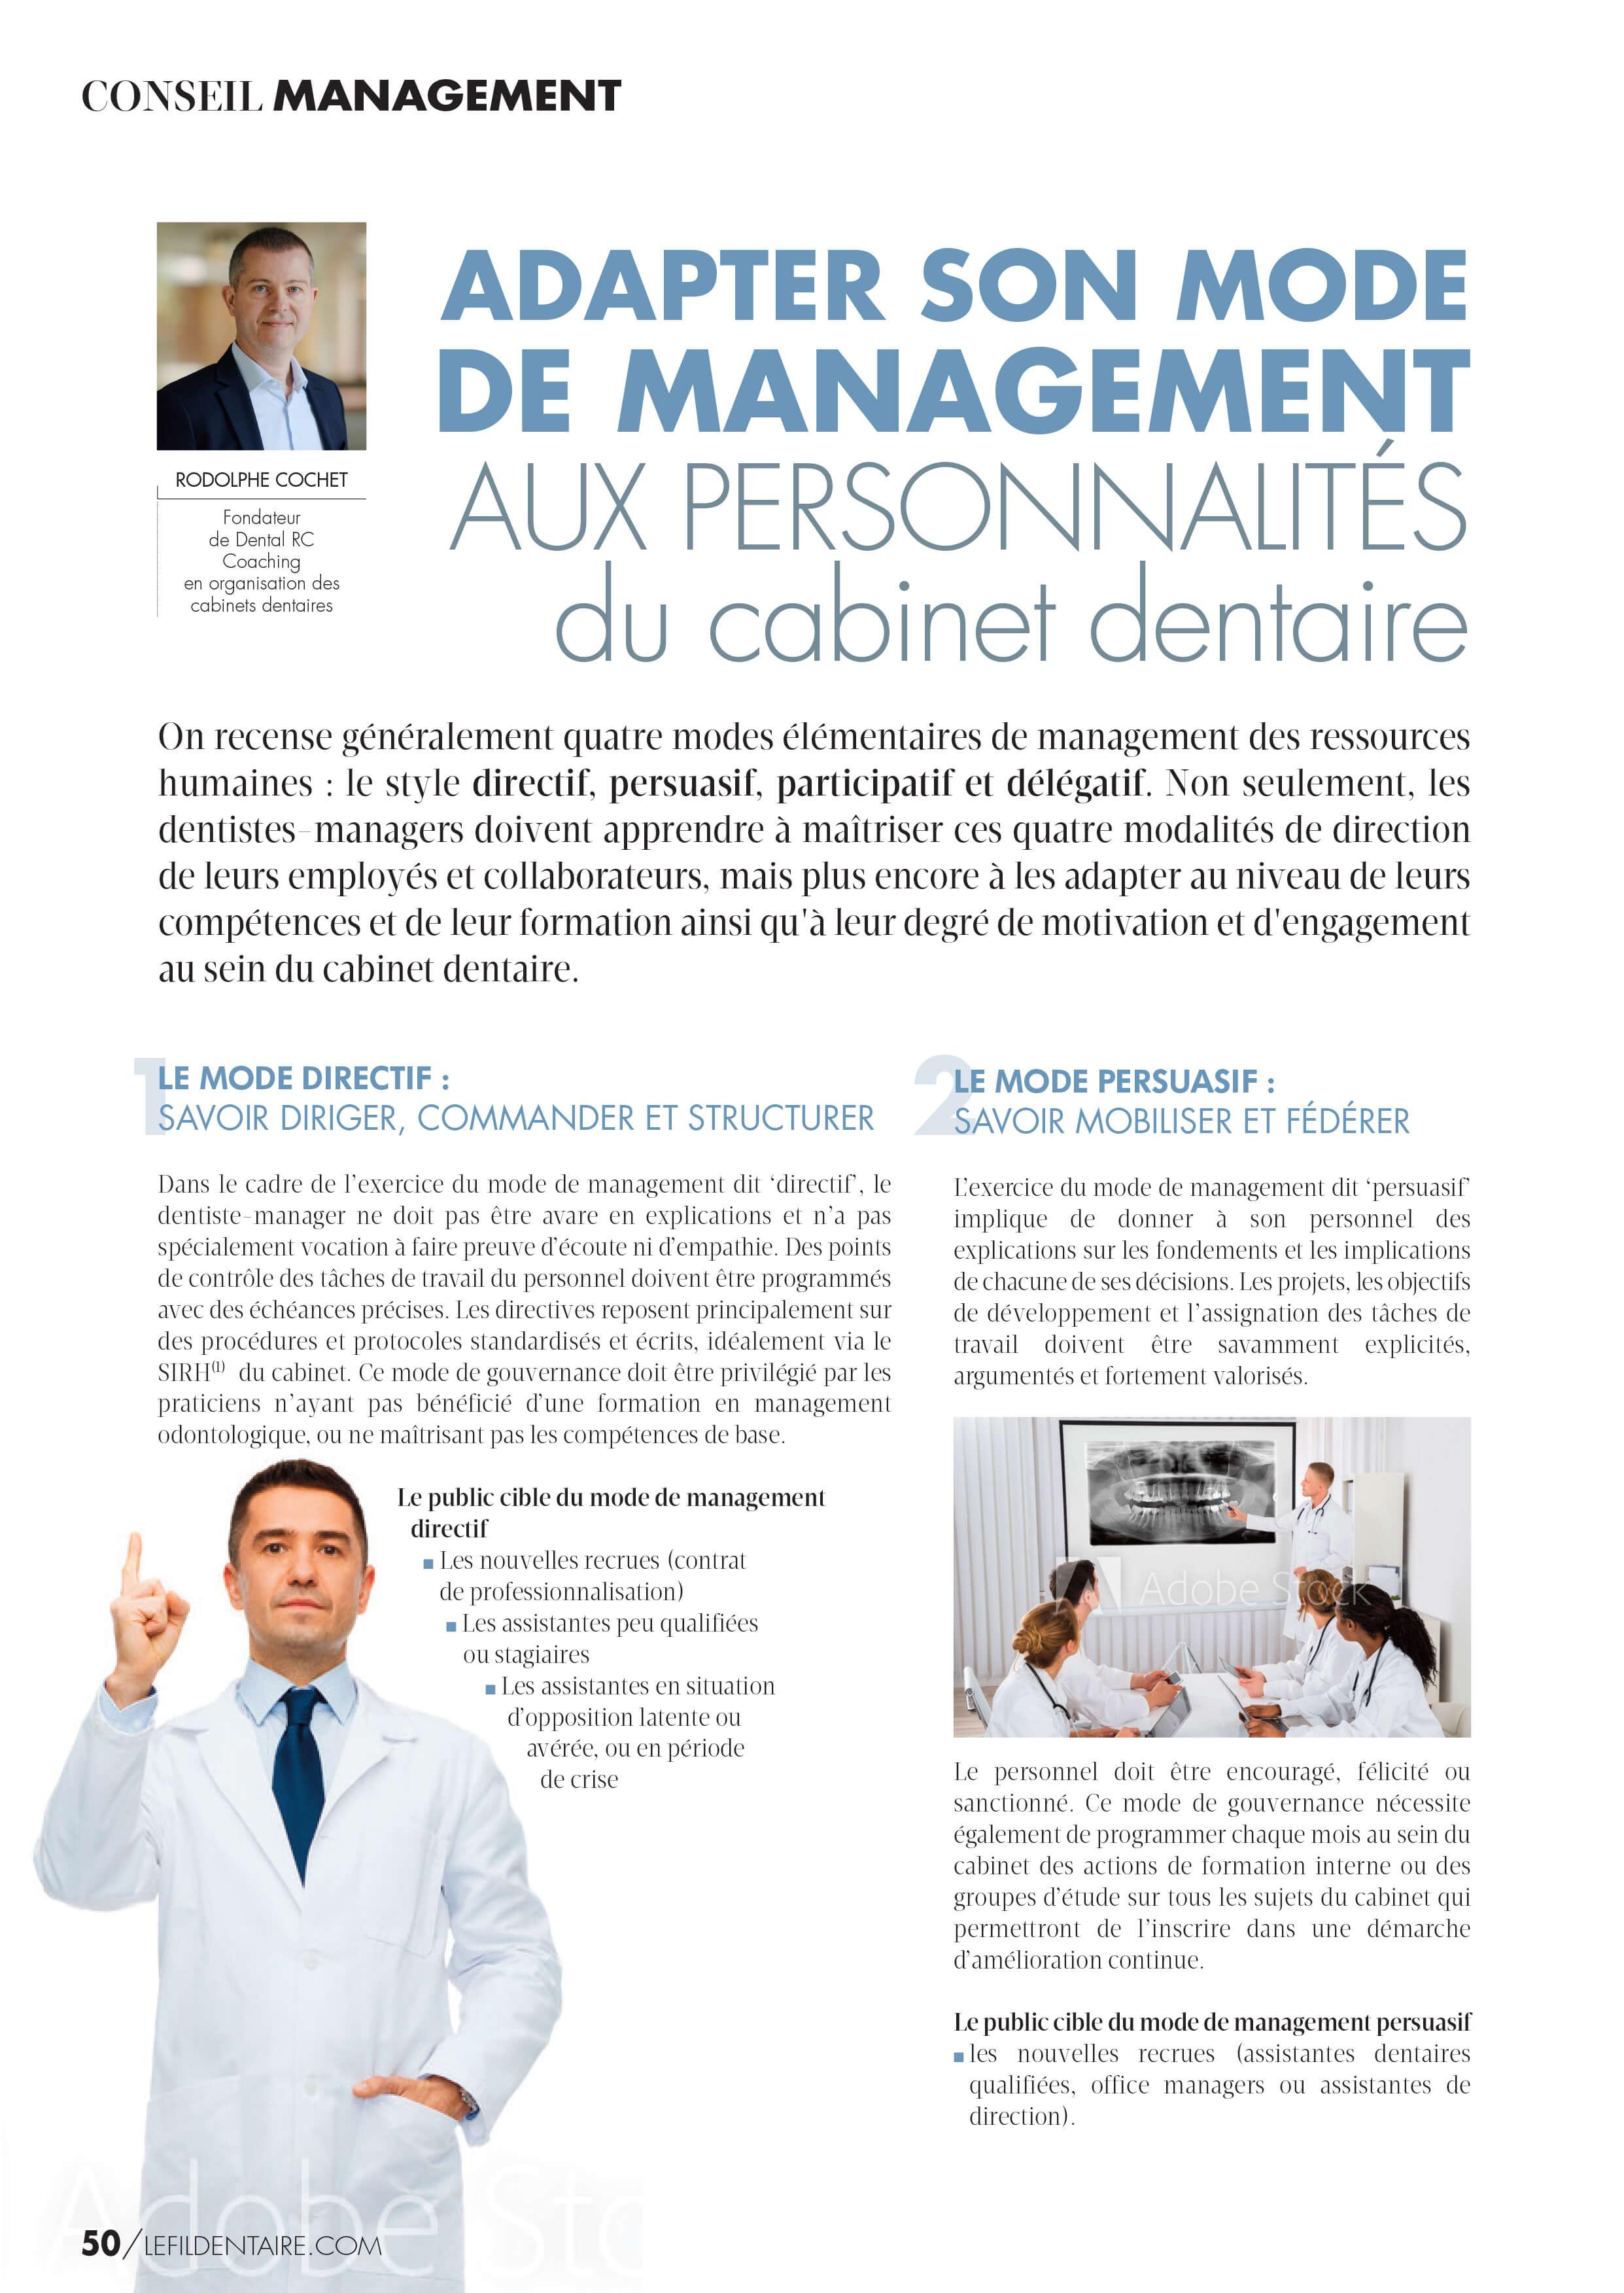 Adapter-son-mode-de-management-aux-personnalités-équipe-dentaire.jpg